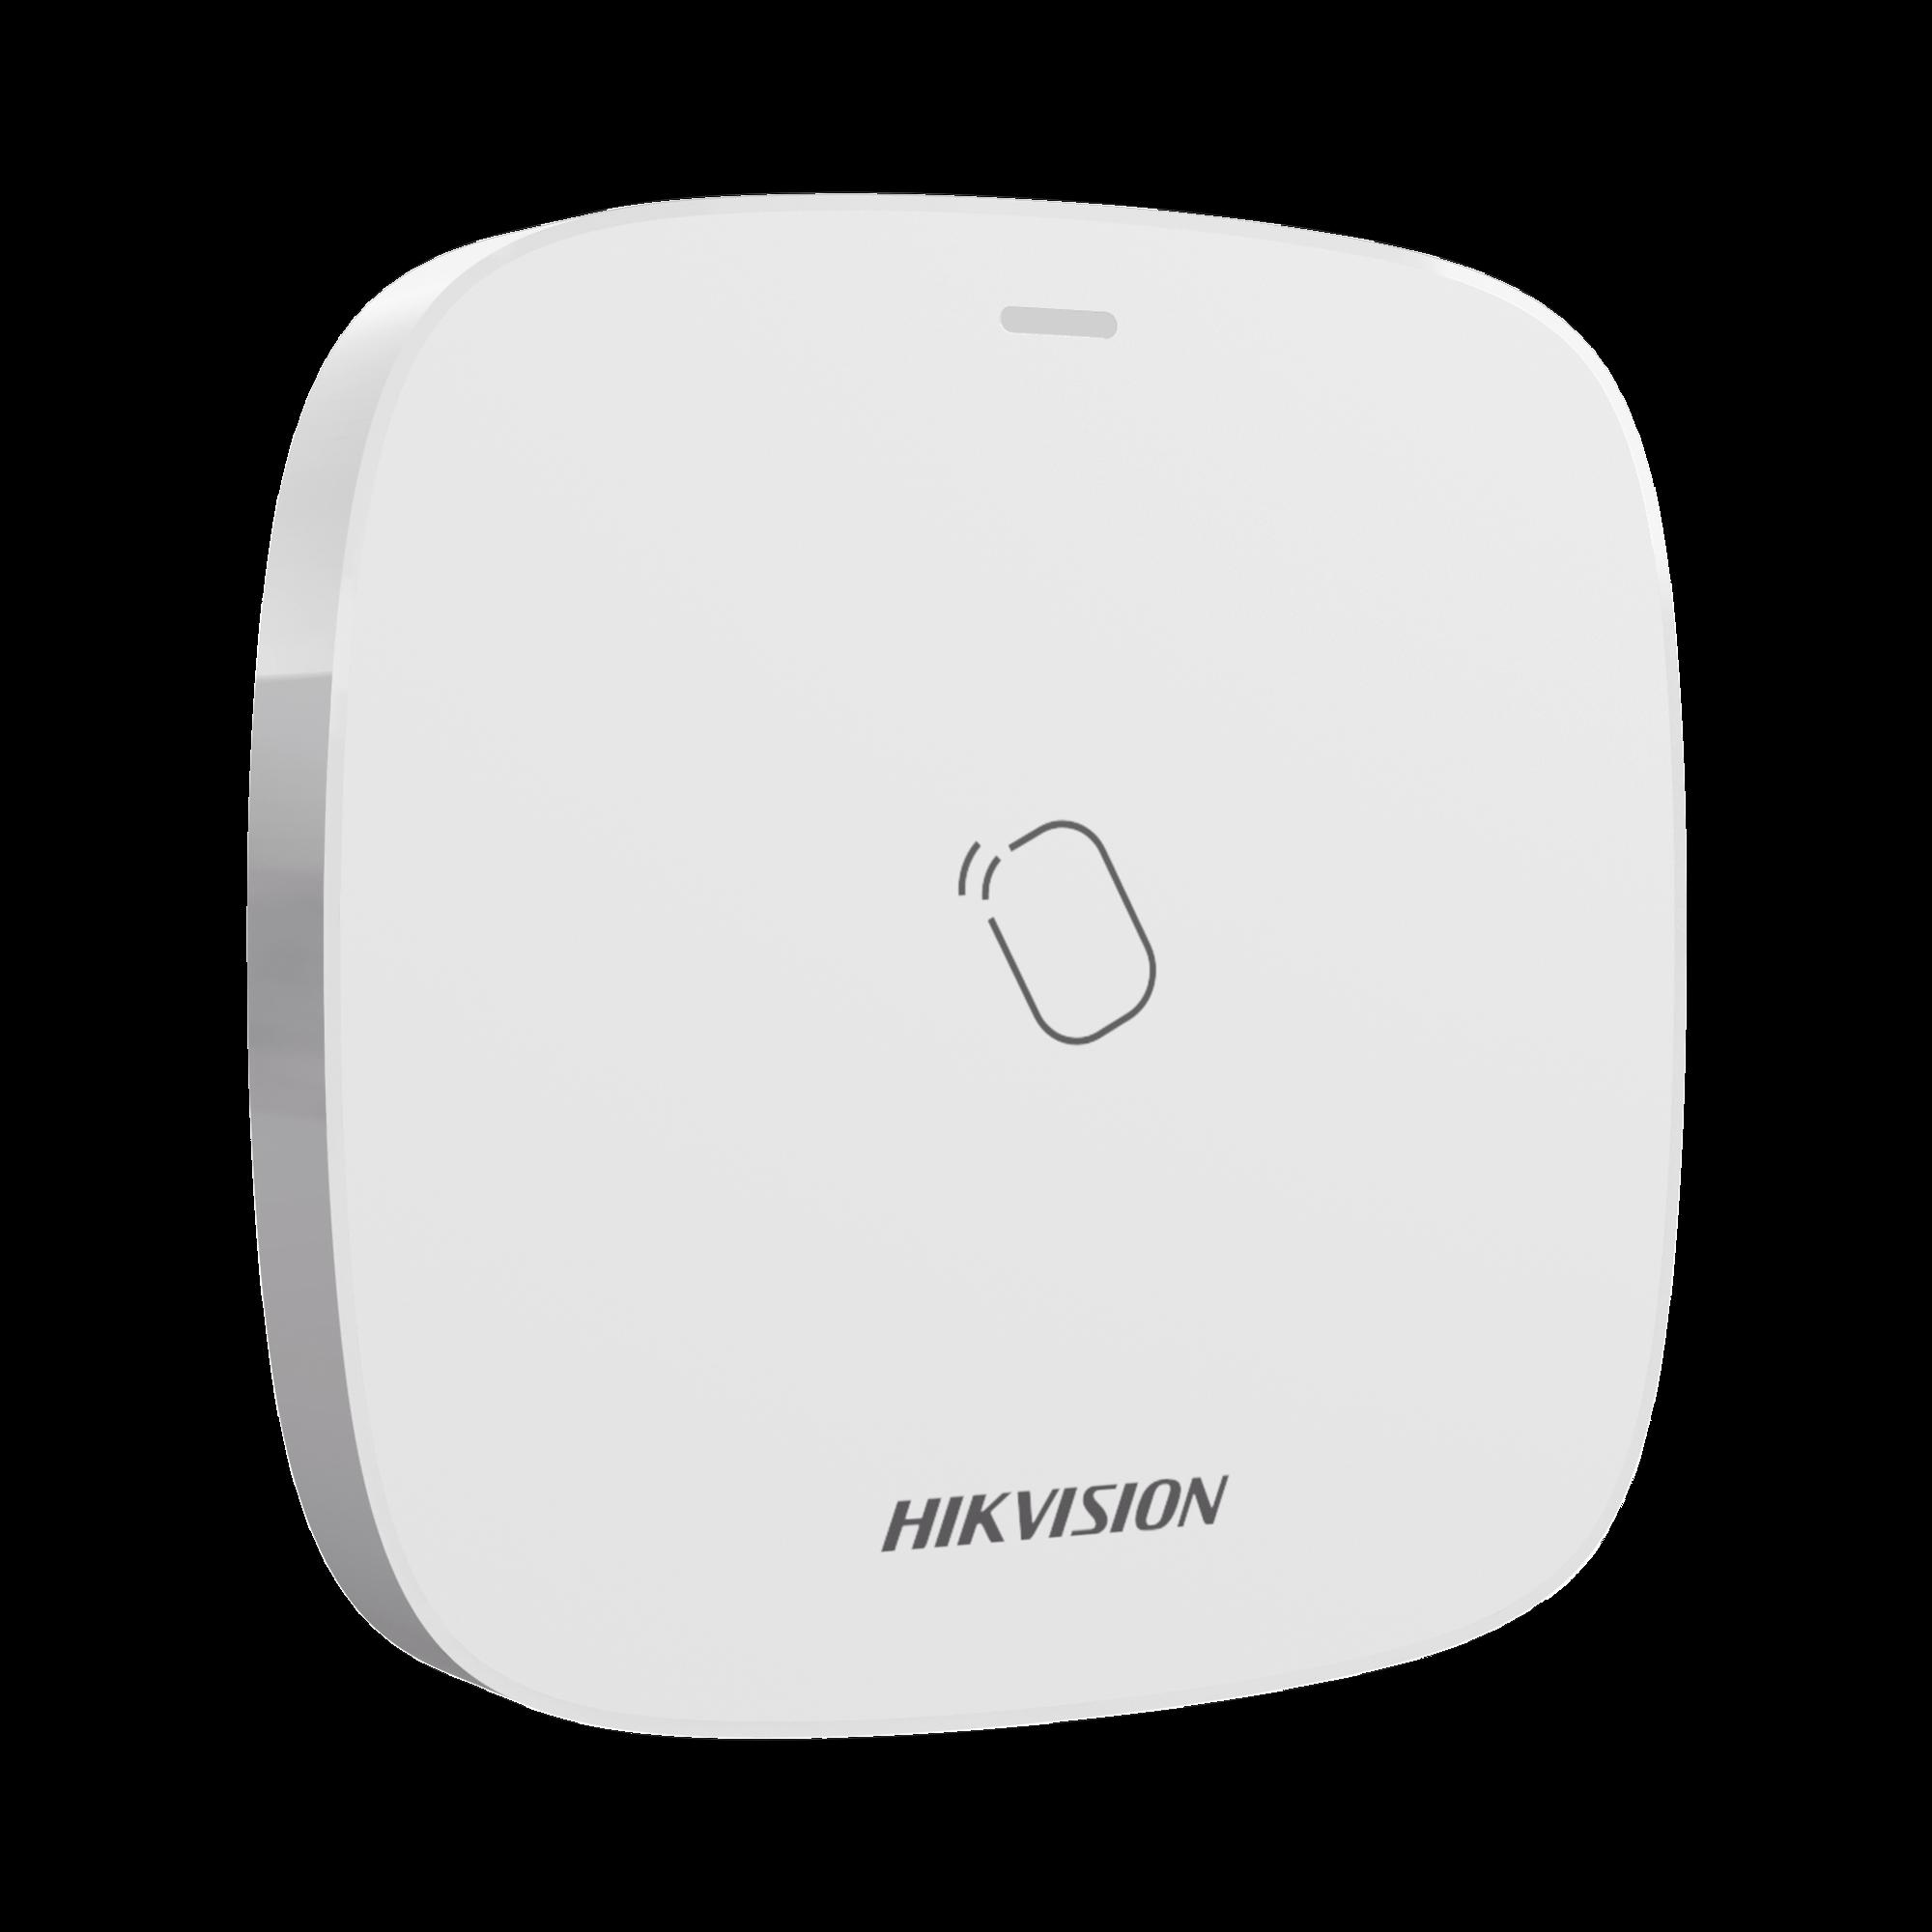 (AX HUB) Lector de Tag Inalámbrico para Panel de Alarma HIKVISION / Exterior IP65 / Permite Armar y Desarmar